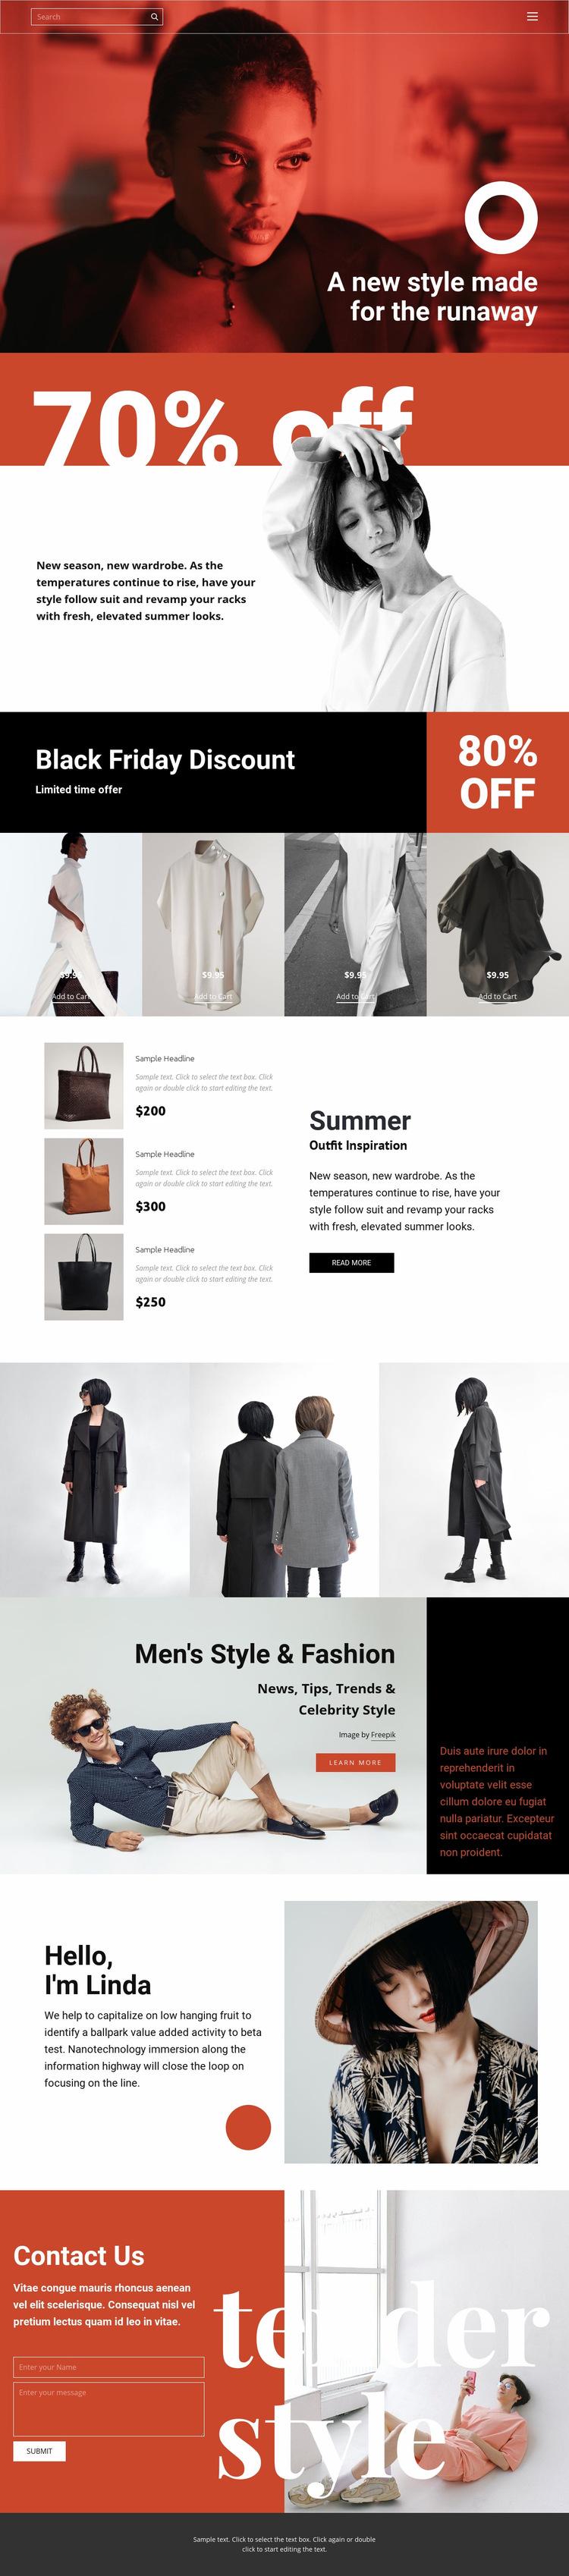 Fashion super sale Web Page Design